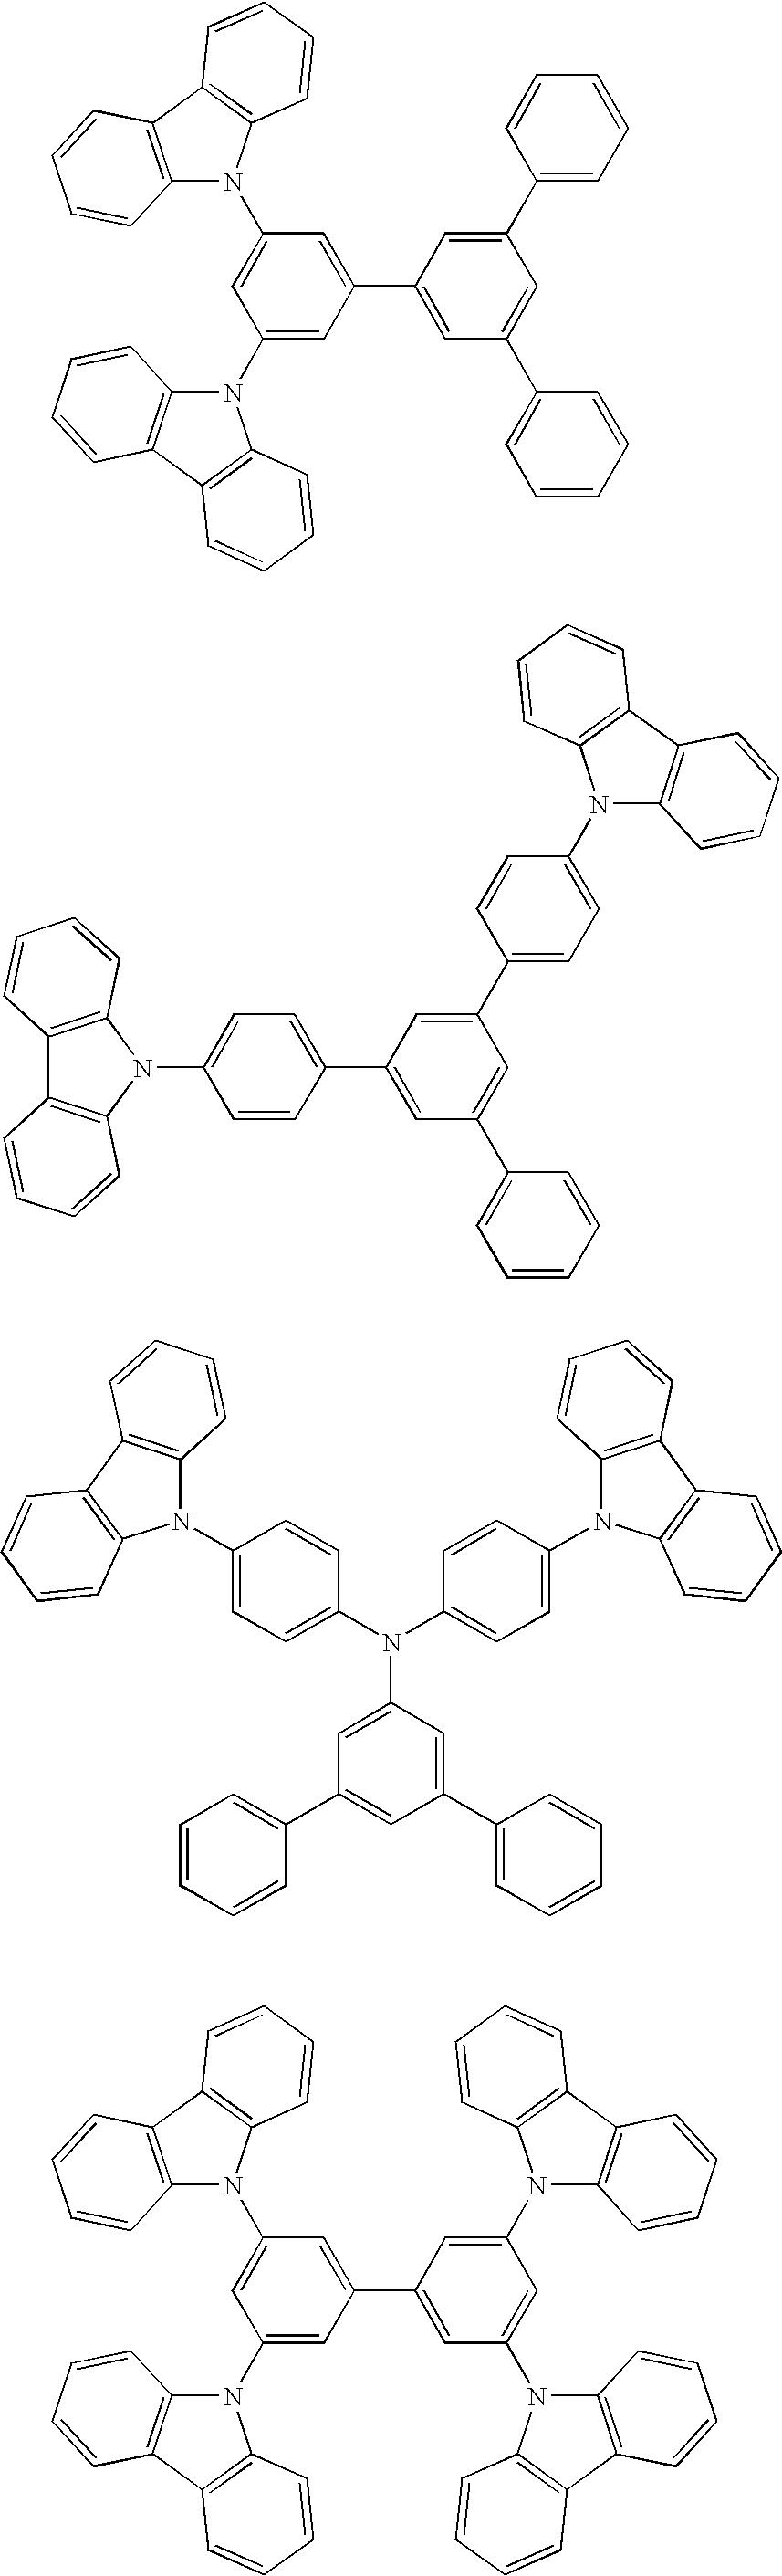 Figure US07608993-20091027-C00007